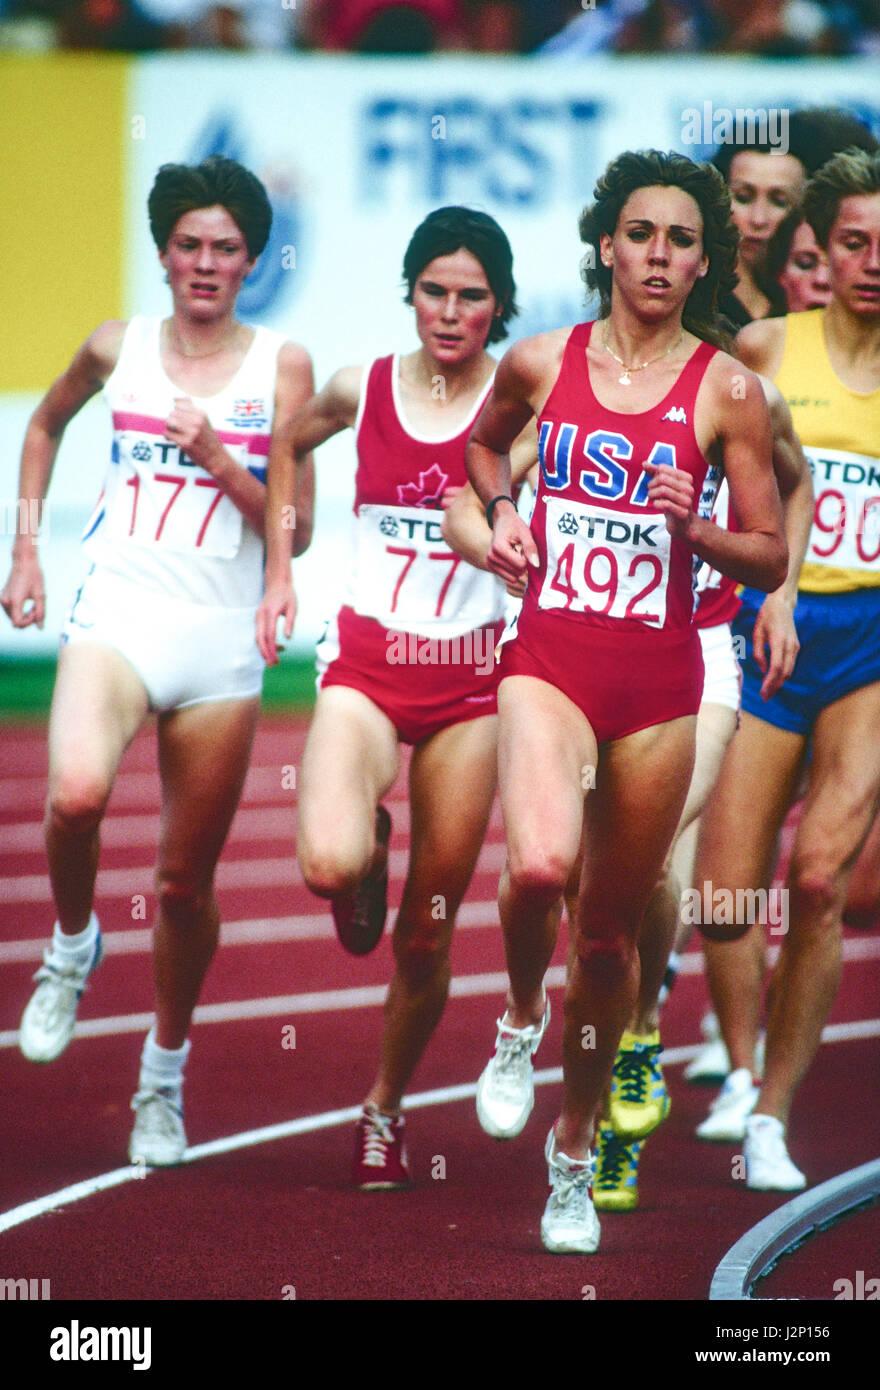 Mary Decker compitiendo en el Mundial de 1983 Campeonato de pista y campo Imagen De Stock